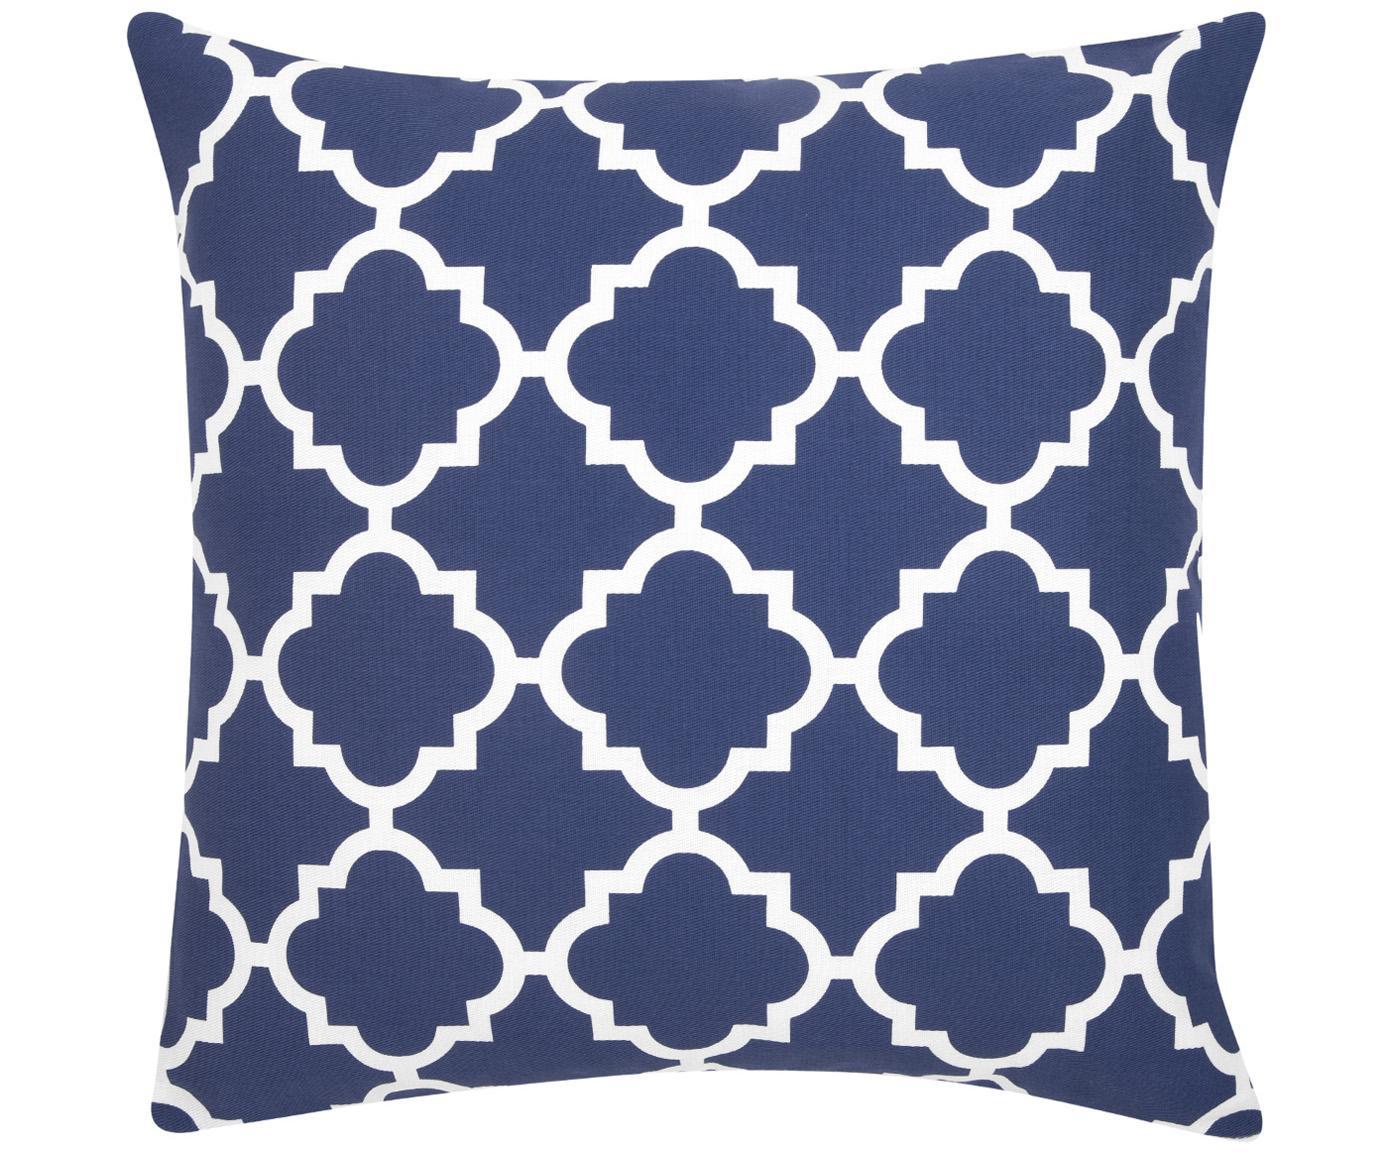 Kissenhülle Lana mit grafischem Muster, 100% Baumwolle, Marineblau, Weiß, 45 x 45 cm